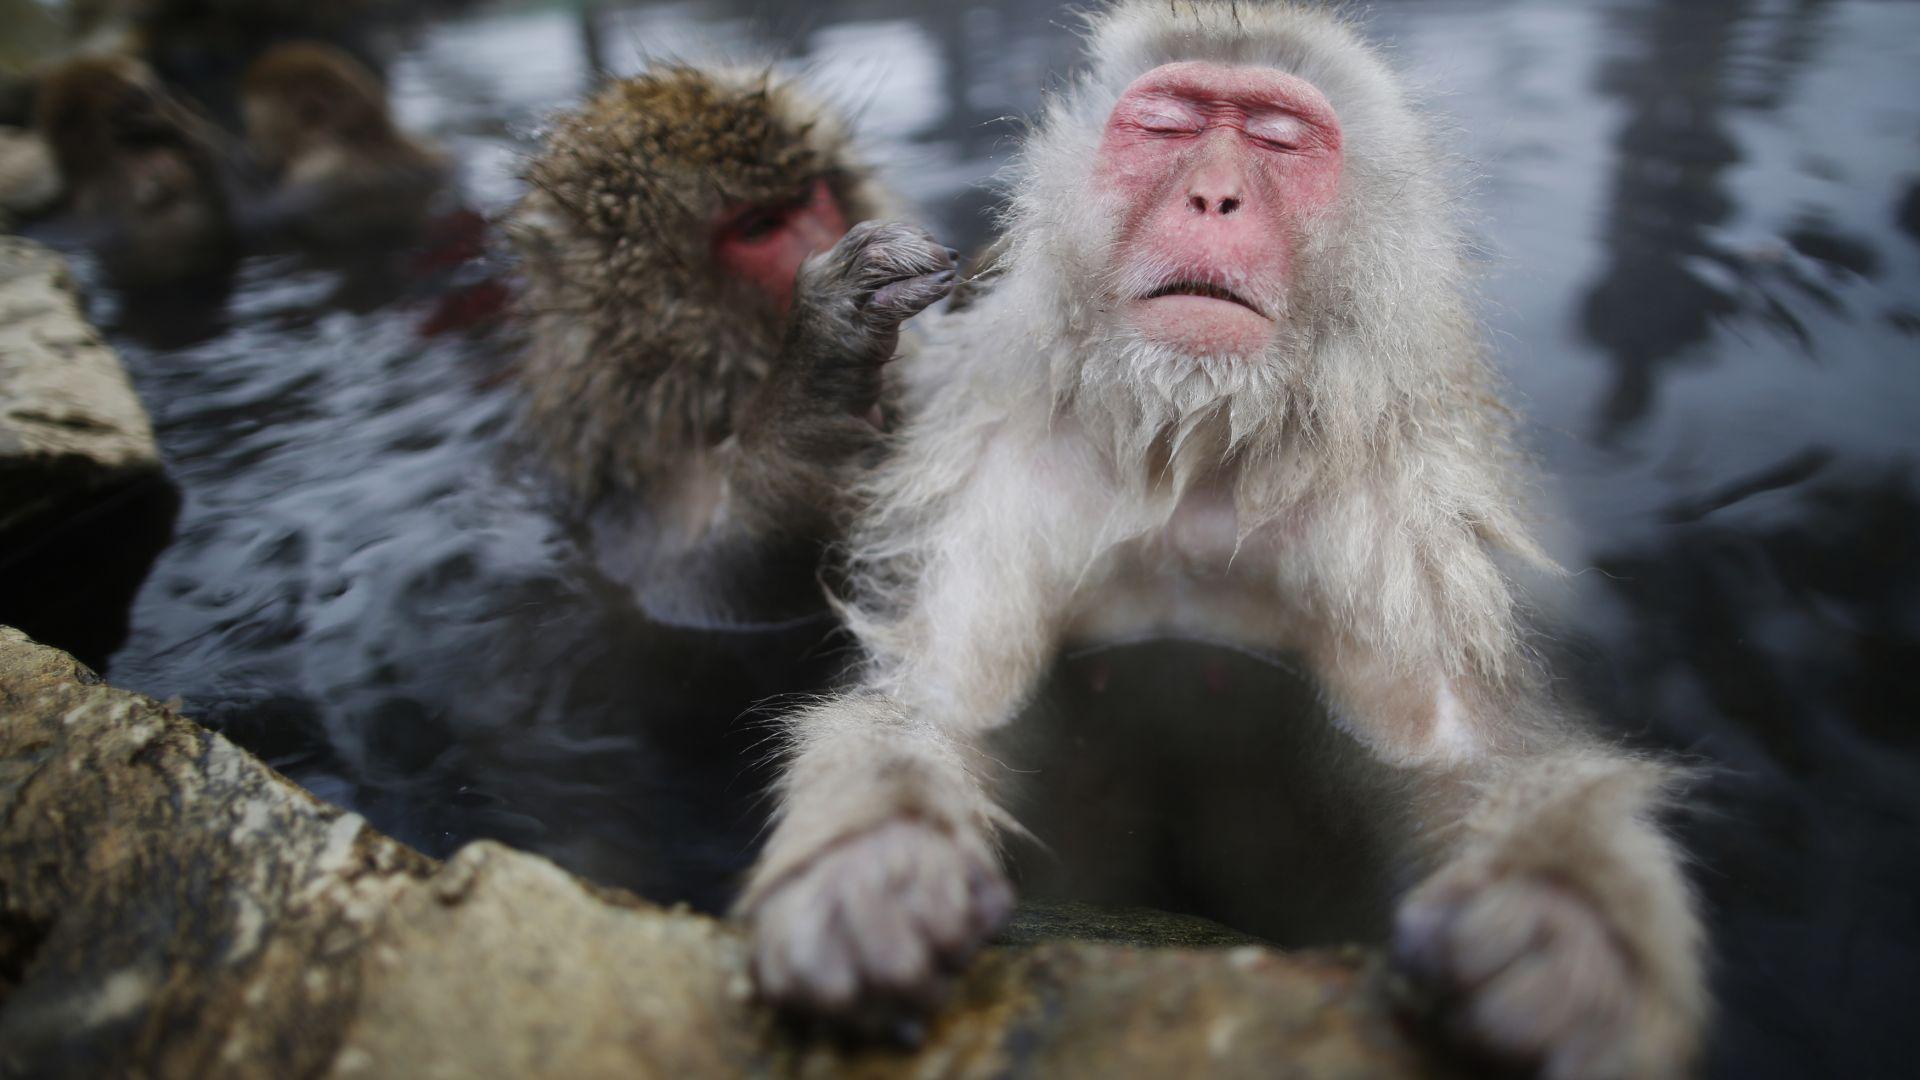 челябинские обезьяны и вода картинки что именно этой